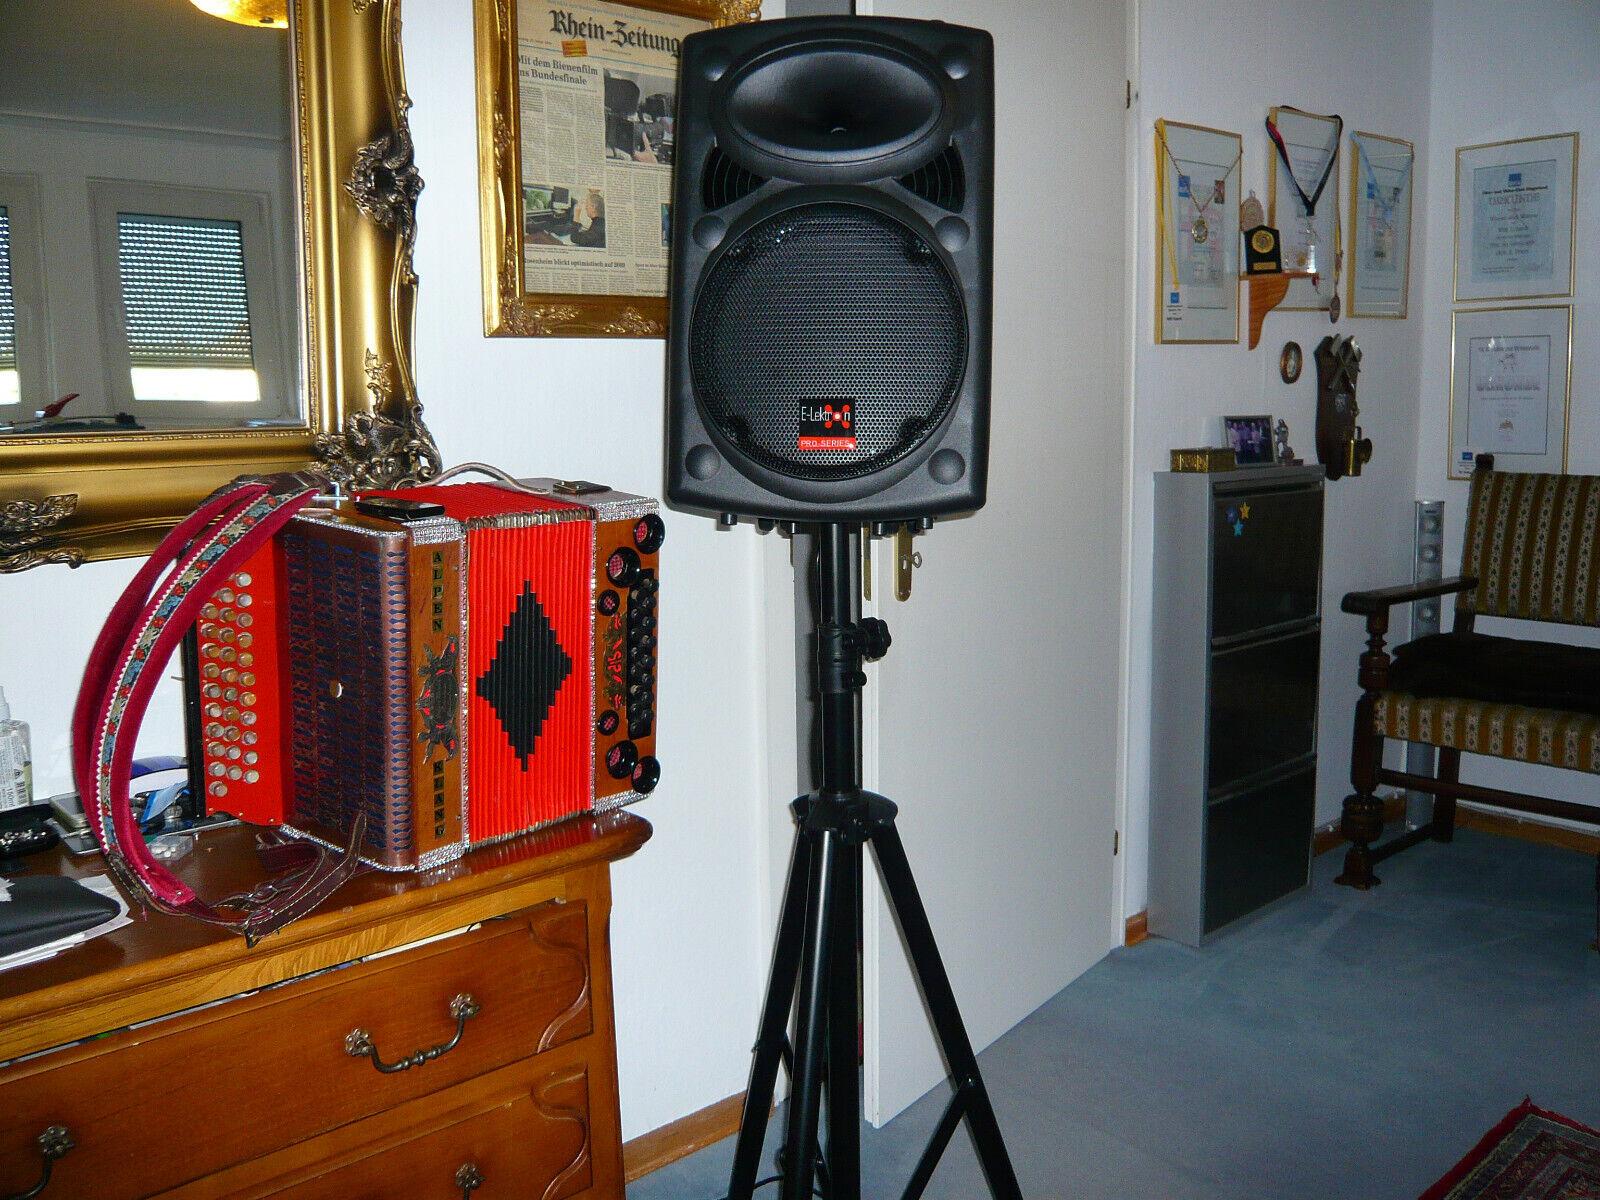 steirische Harmonika selbstspielend mit Funkanlage und PA Soundsystem